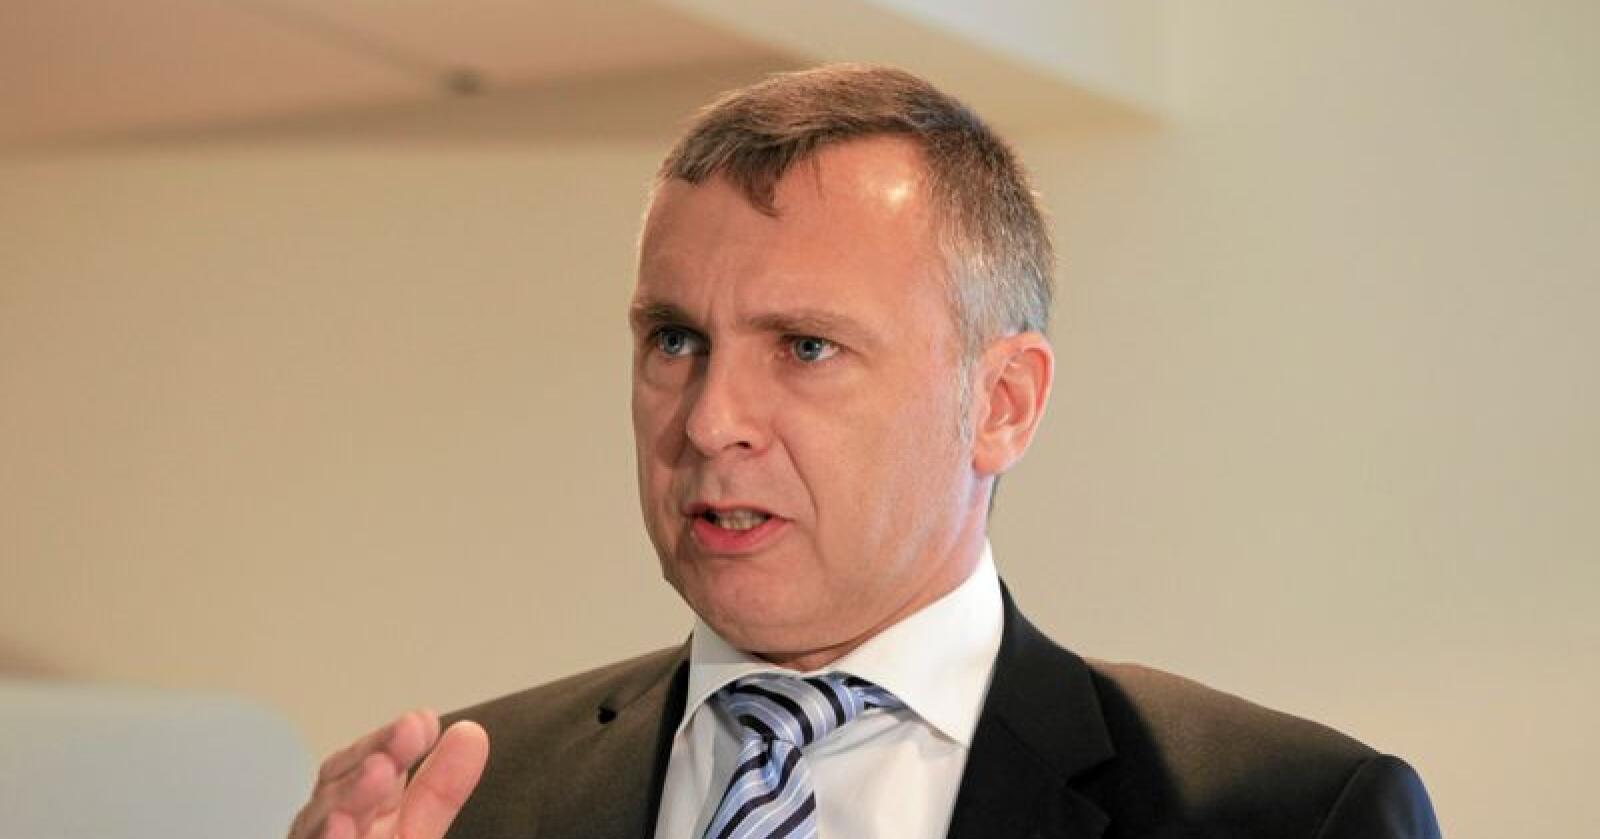 Produksjonen ved papirfabrikken i Albury i Australia stenger i desember når Norske Skog selger seg ut. Årsaken er mindre etterspørsel etter avispapir.